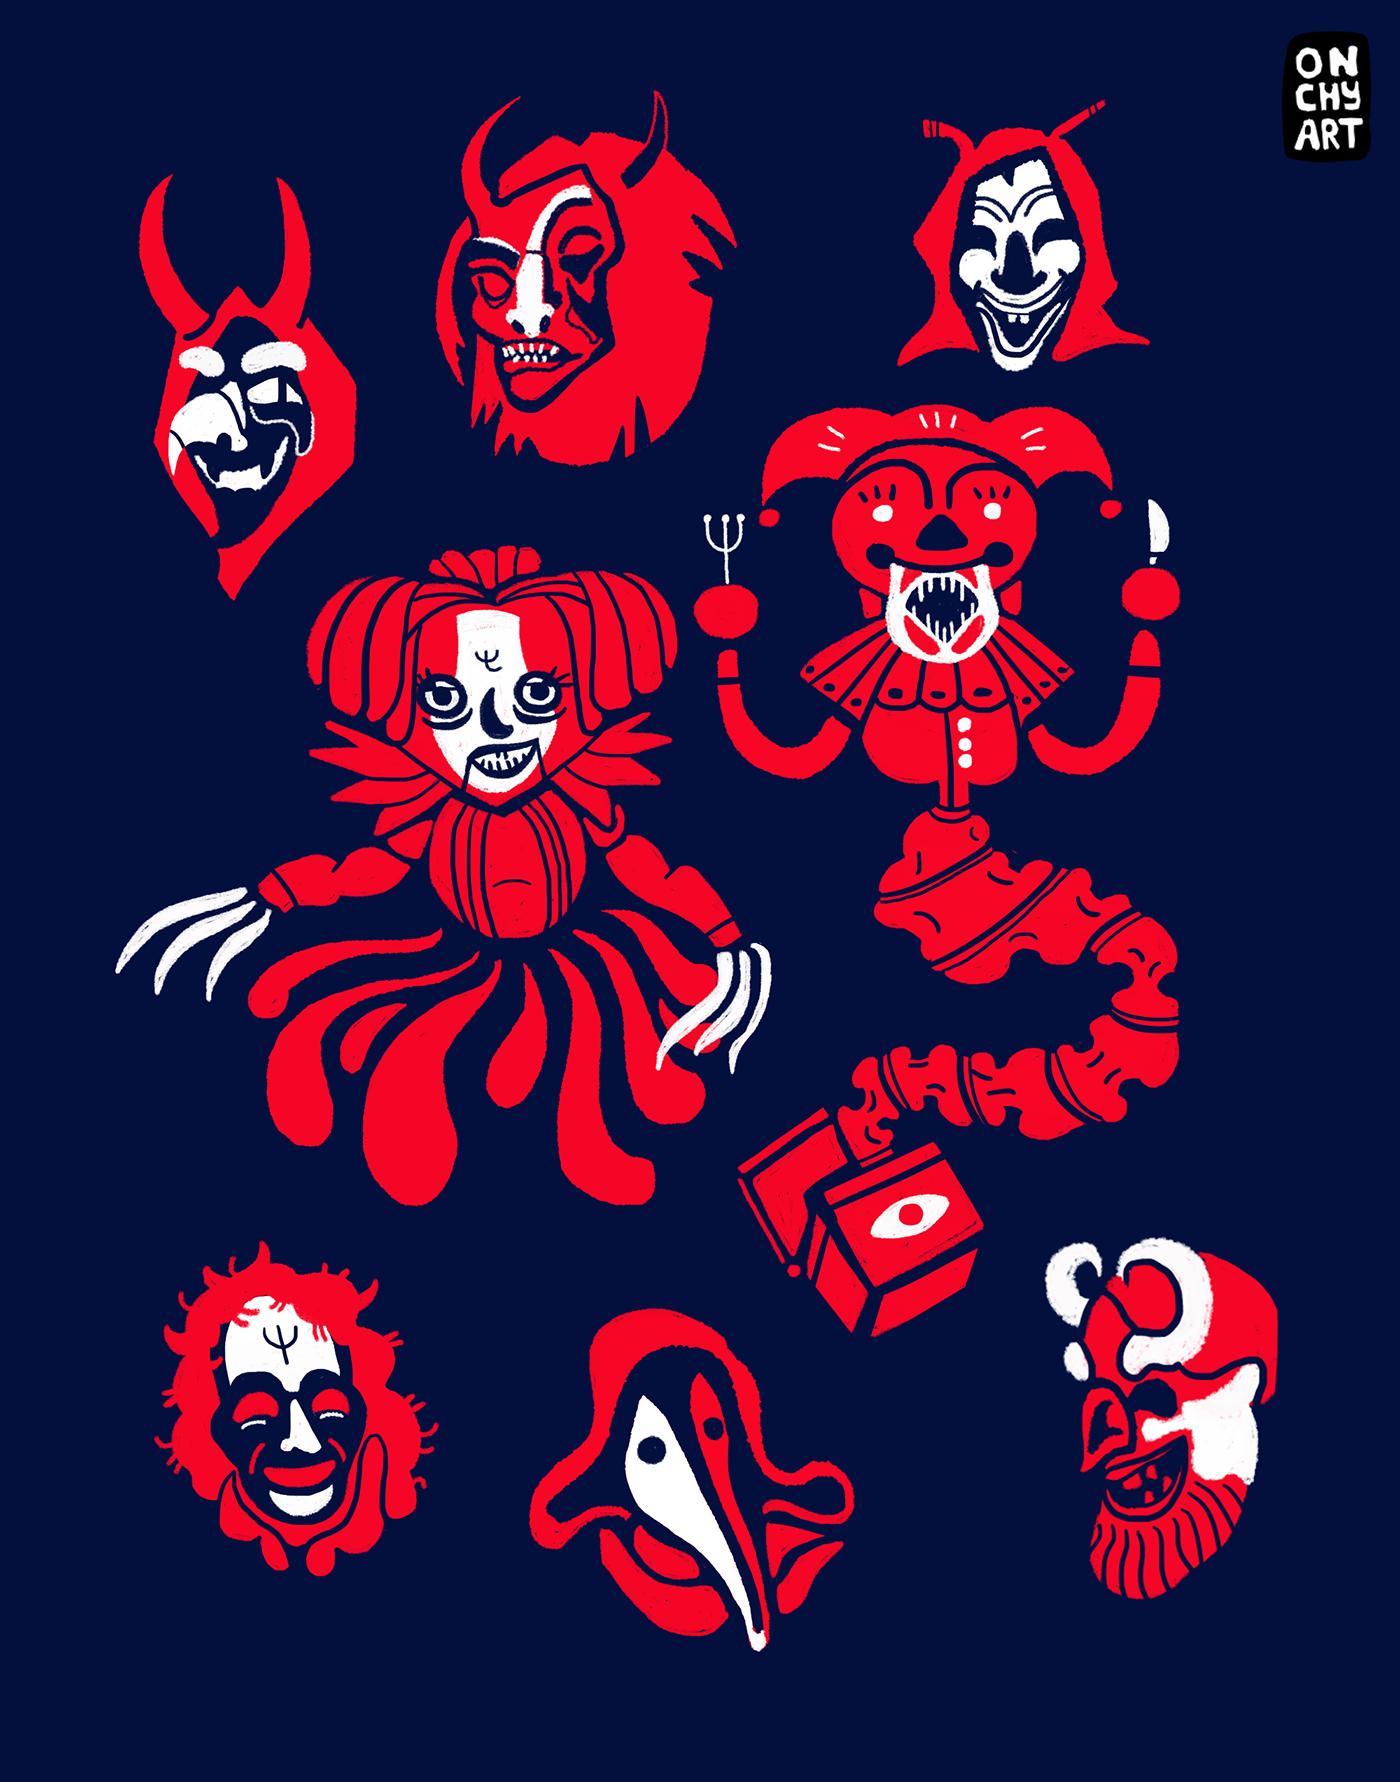 Digital Art  horror ILLUSTRATION  Krampus